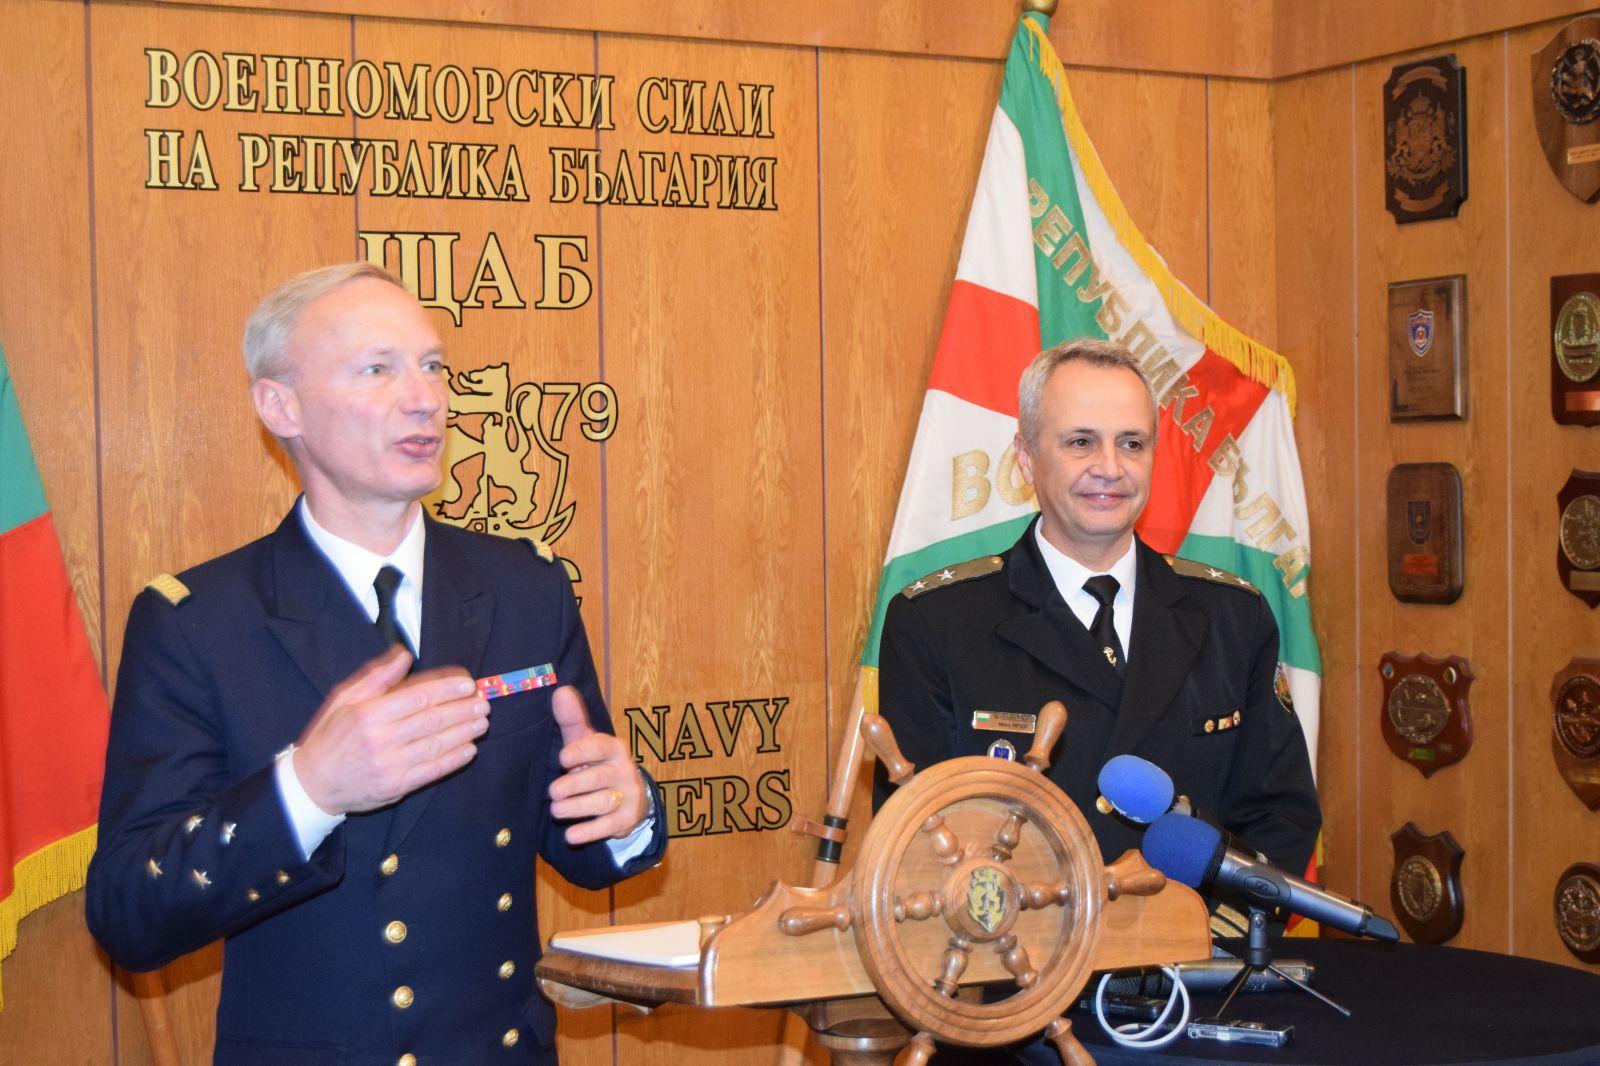 България и Франция засилват военноморското си сътрудничество